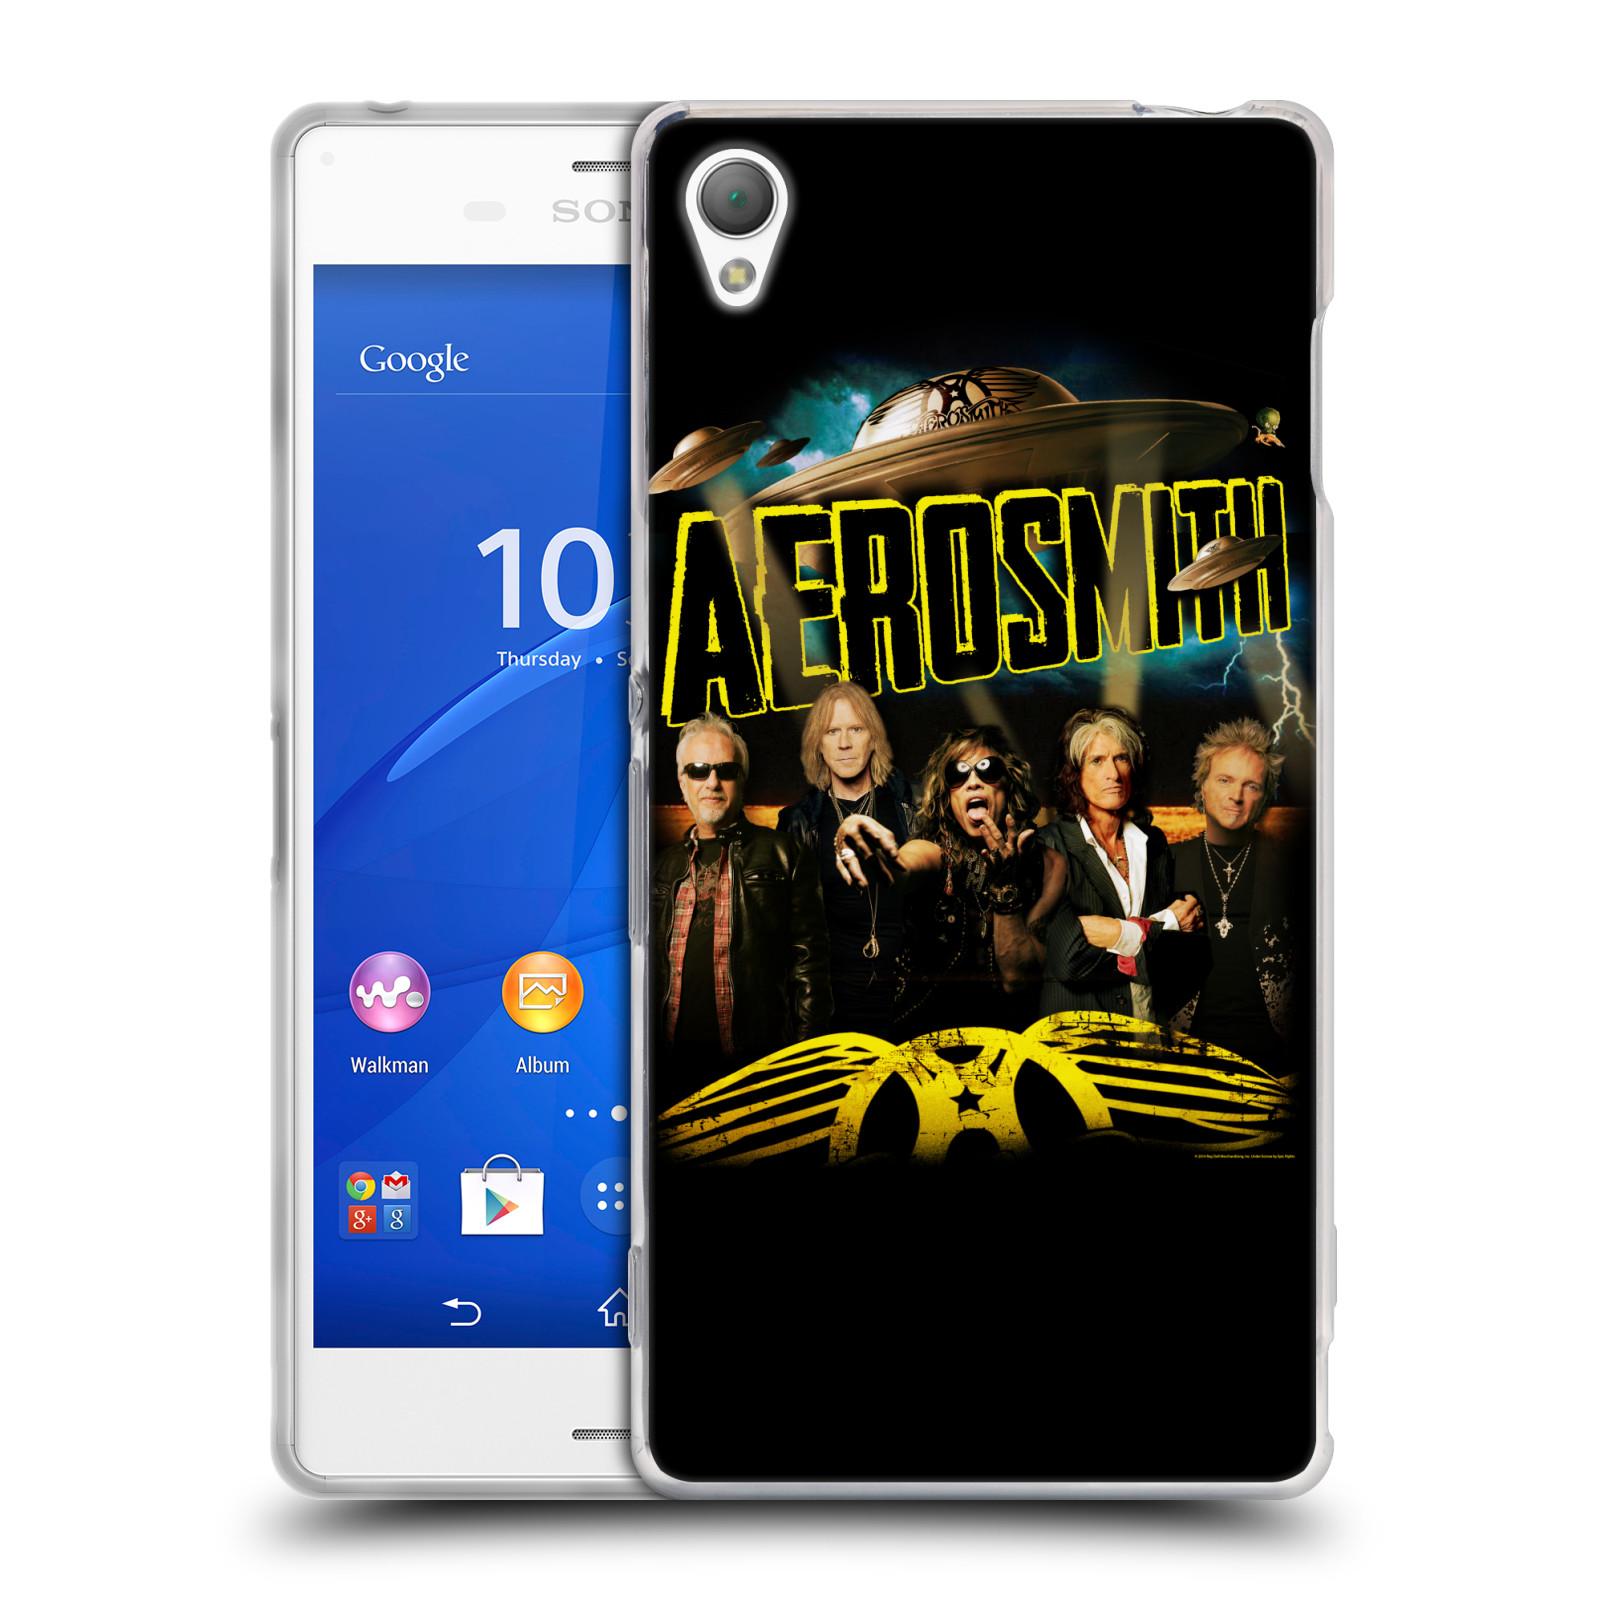 Silikonové pouzdro na mobil Sony Xperia Z3 D6603 HEAD CASE - Aerosmith - Global Warming (Silikonový kryt či obal na mobilní telefon s licencovaným motivem Aerosmith pro Sony Xperia Z3)